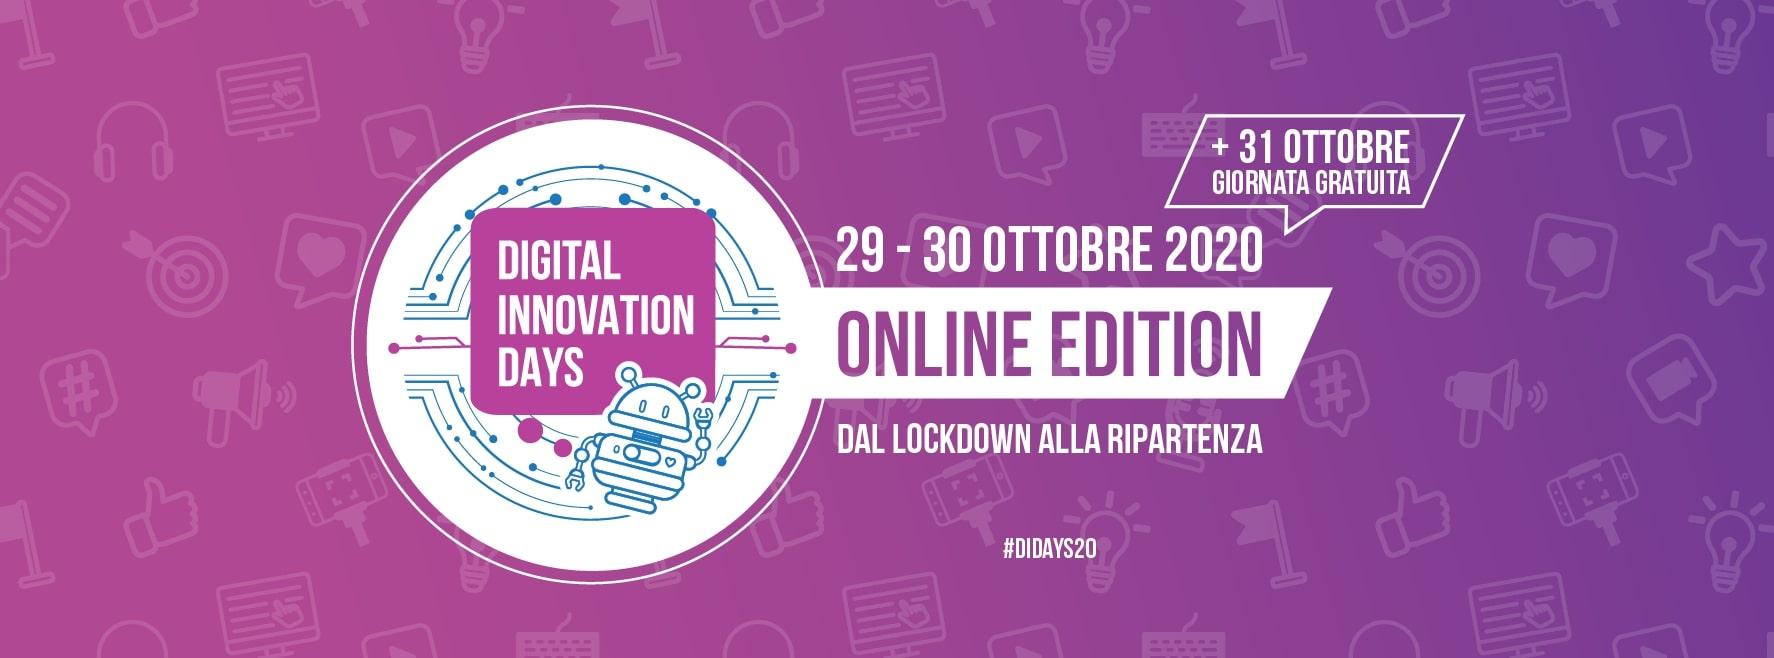 Digital Innovations Days Italy